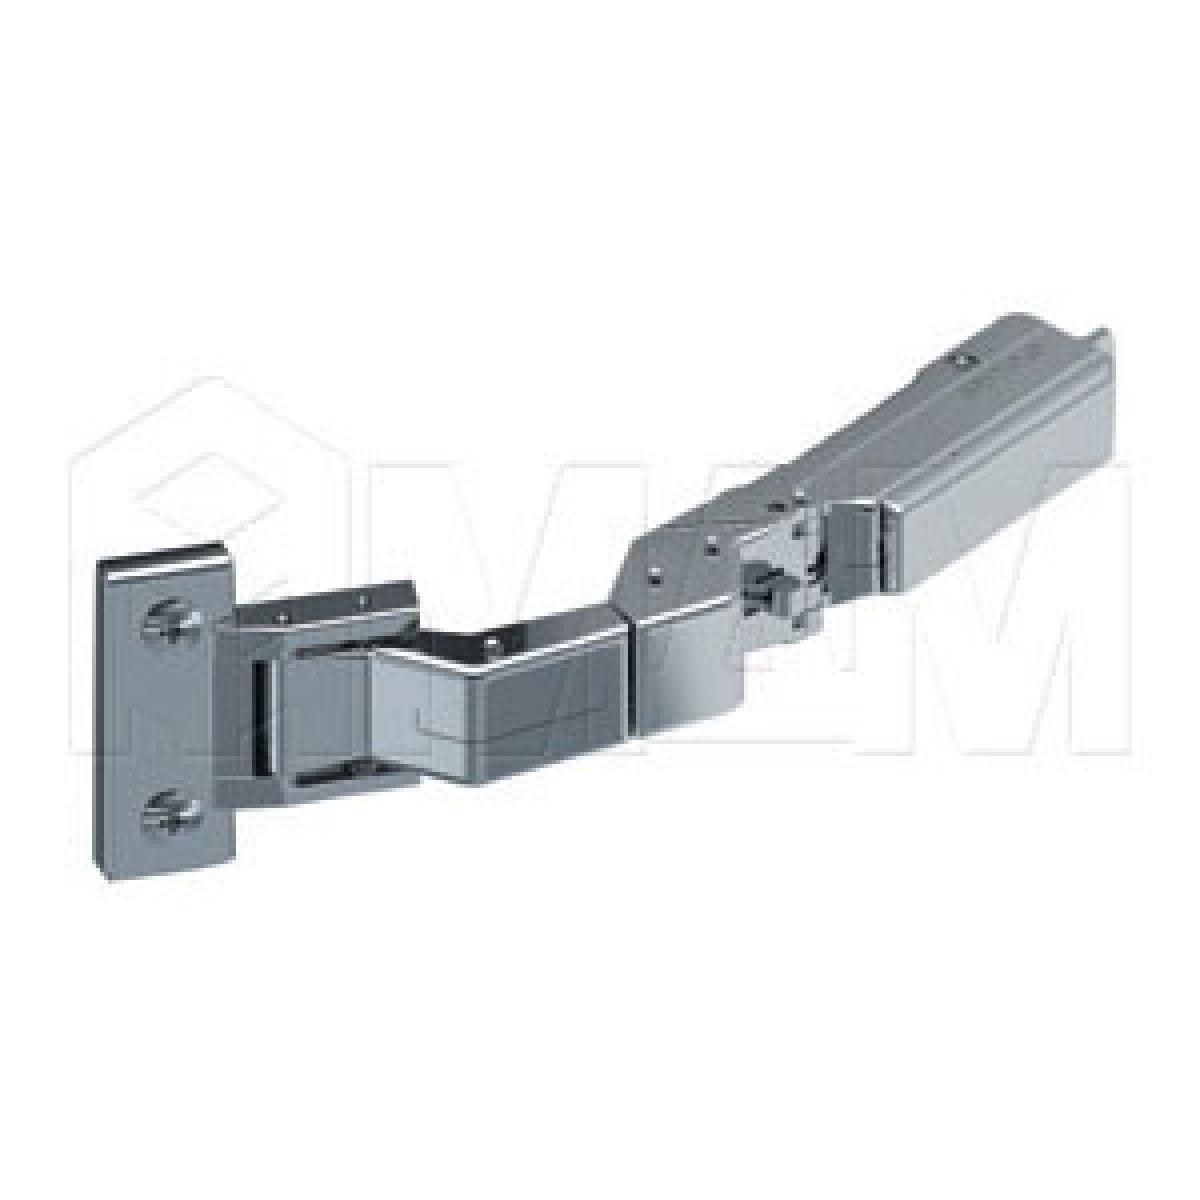 Четырехшарнирные петли - Петля TIOMOS M0 для дверей 6-10 мм без сверления со встроенным амортизатором (90/125) накладная